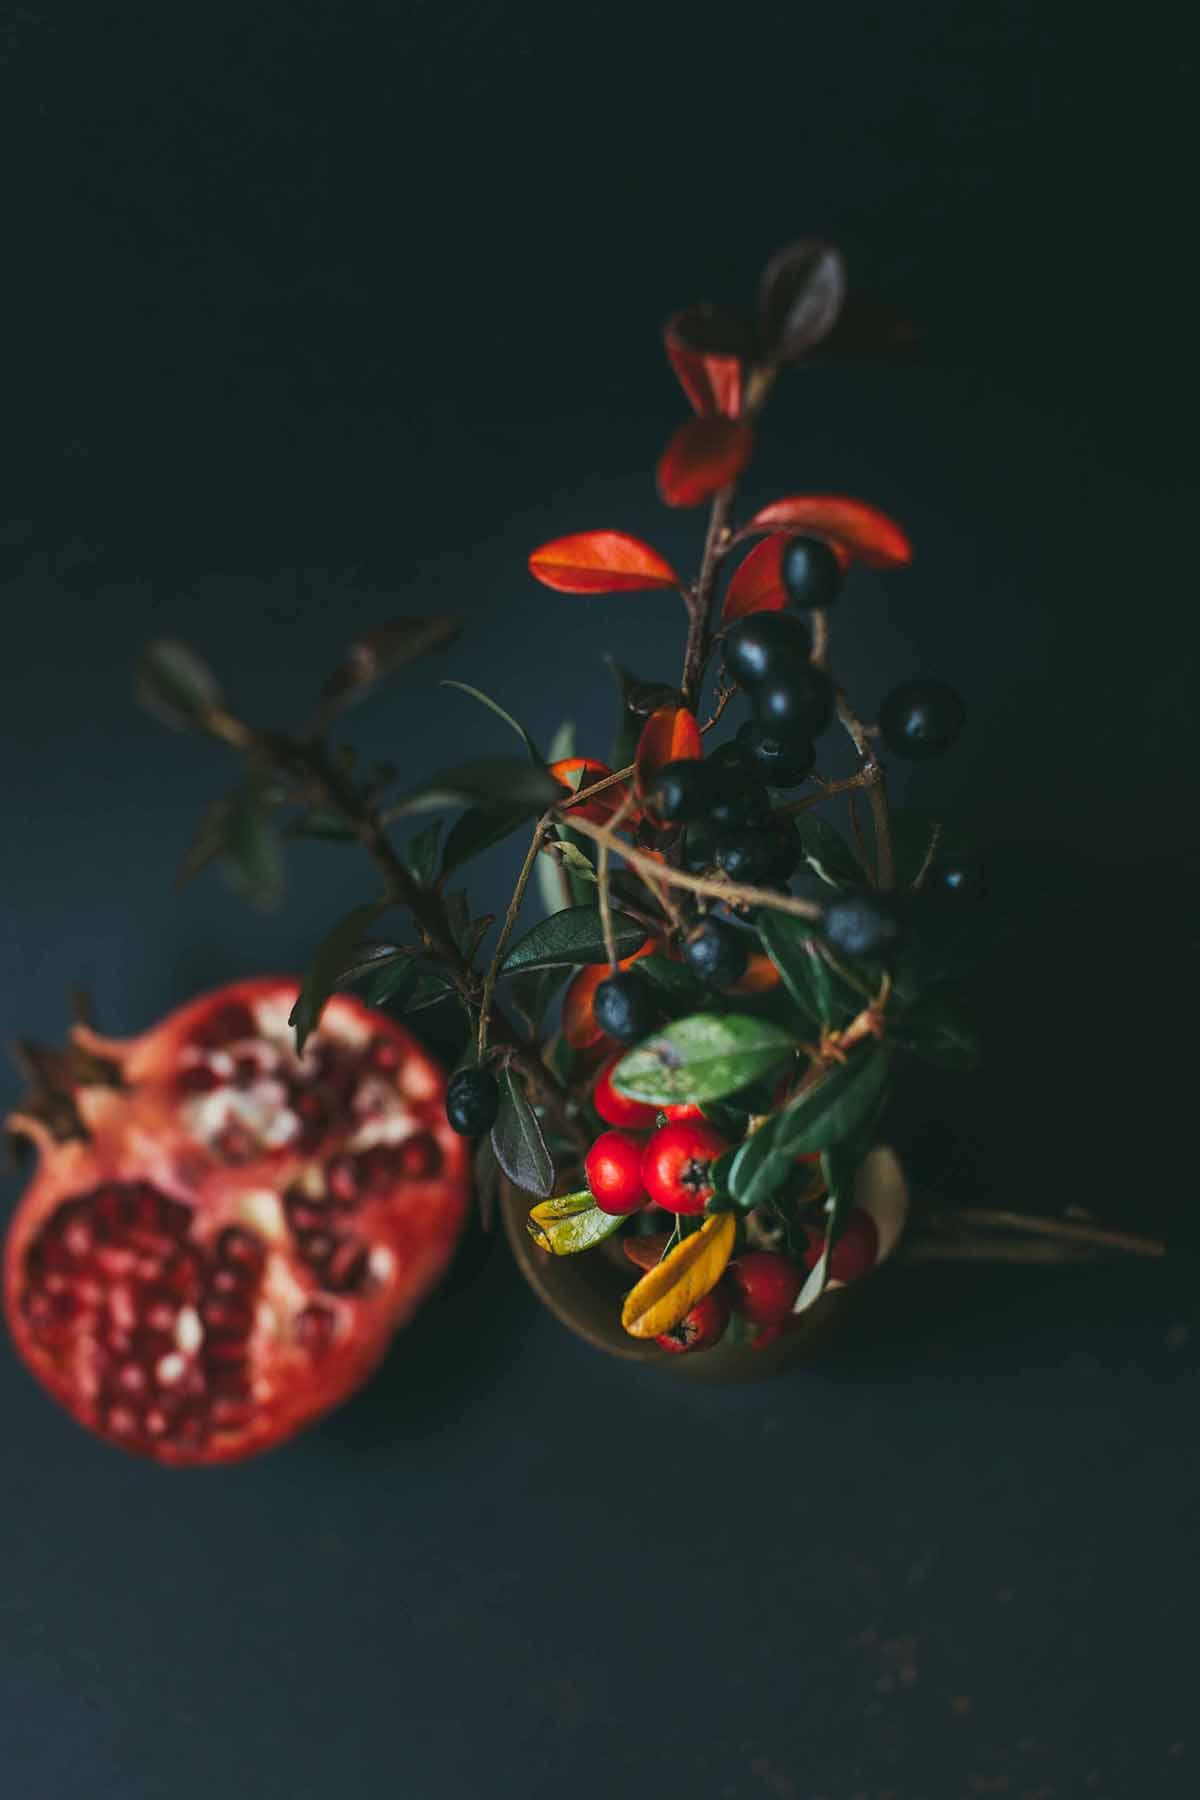 Chitu photo granatove-jablko-zatisie